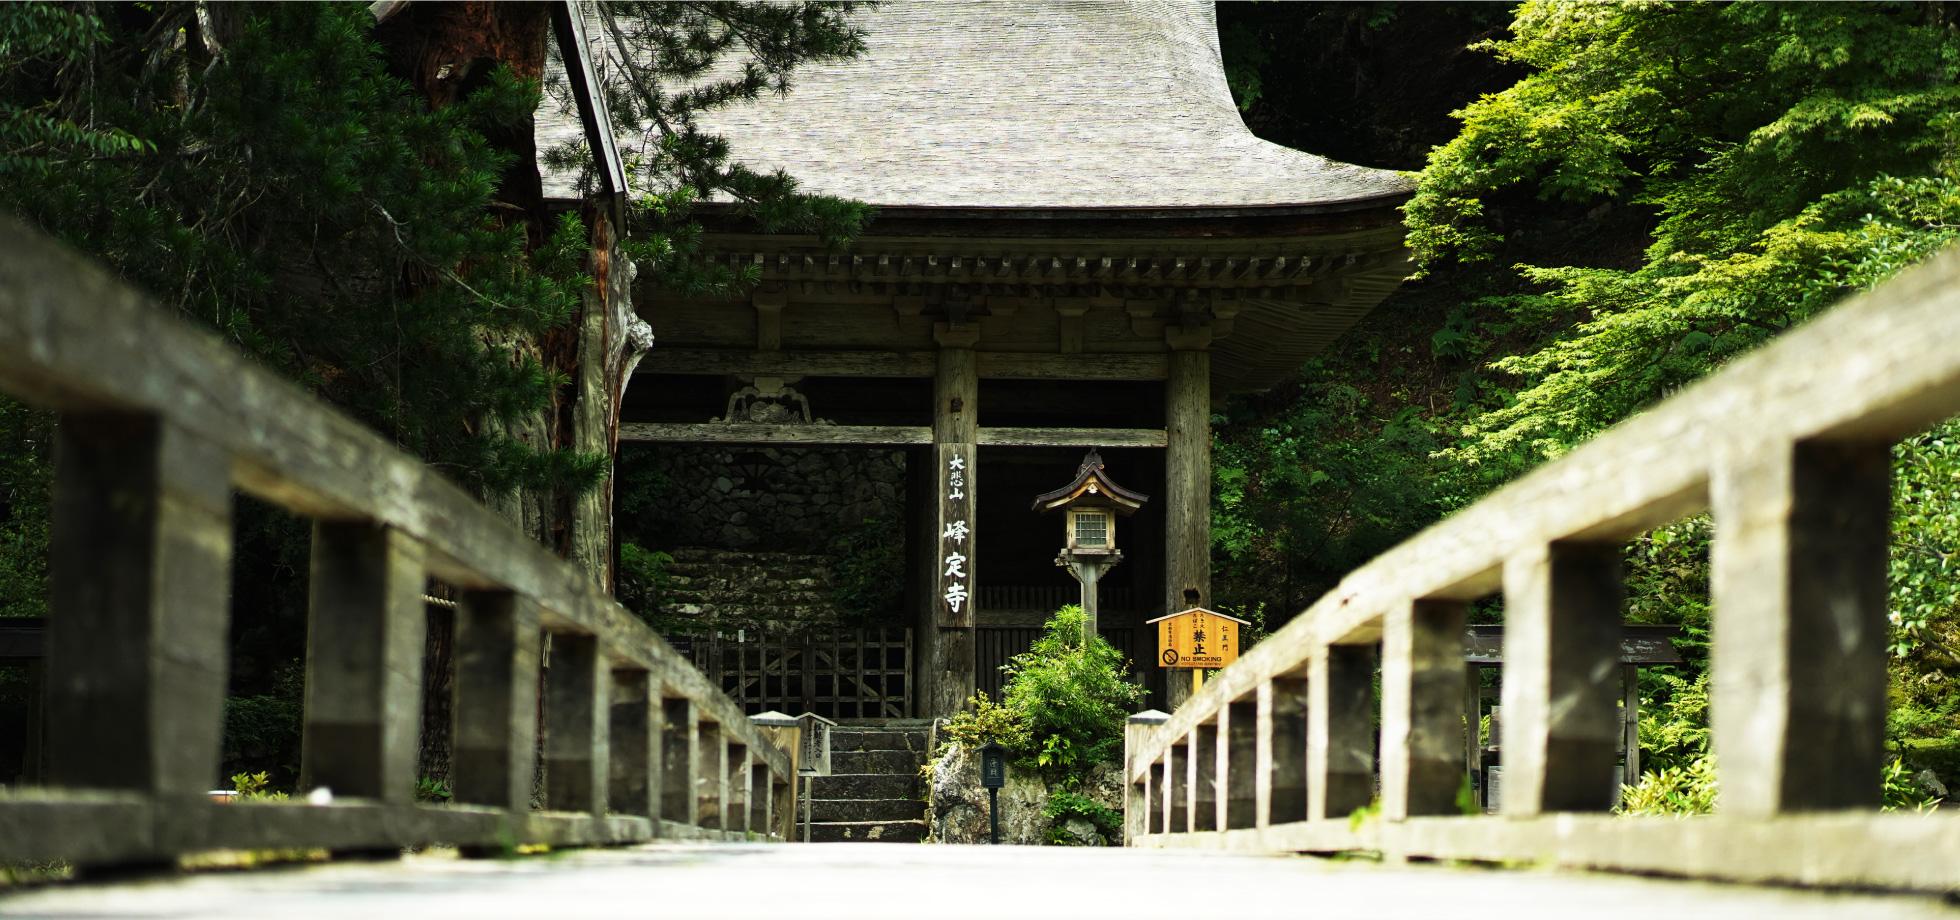 大悲山峰定寺